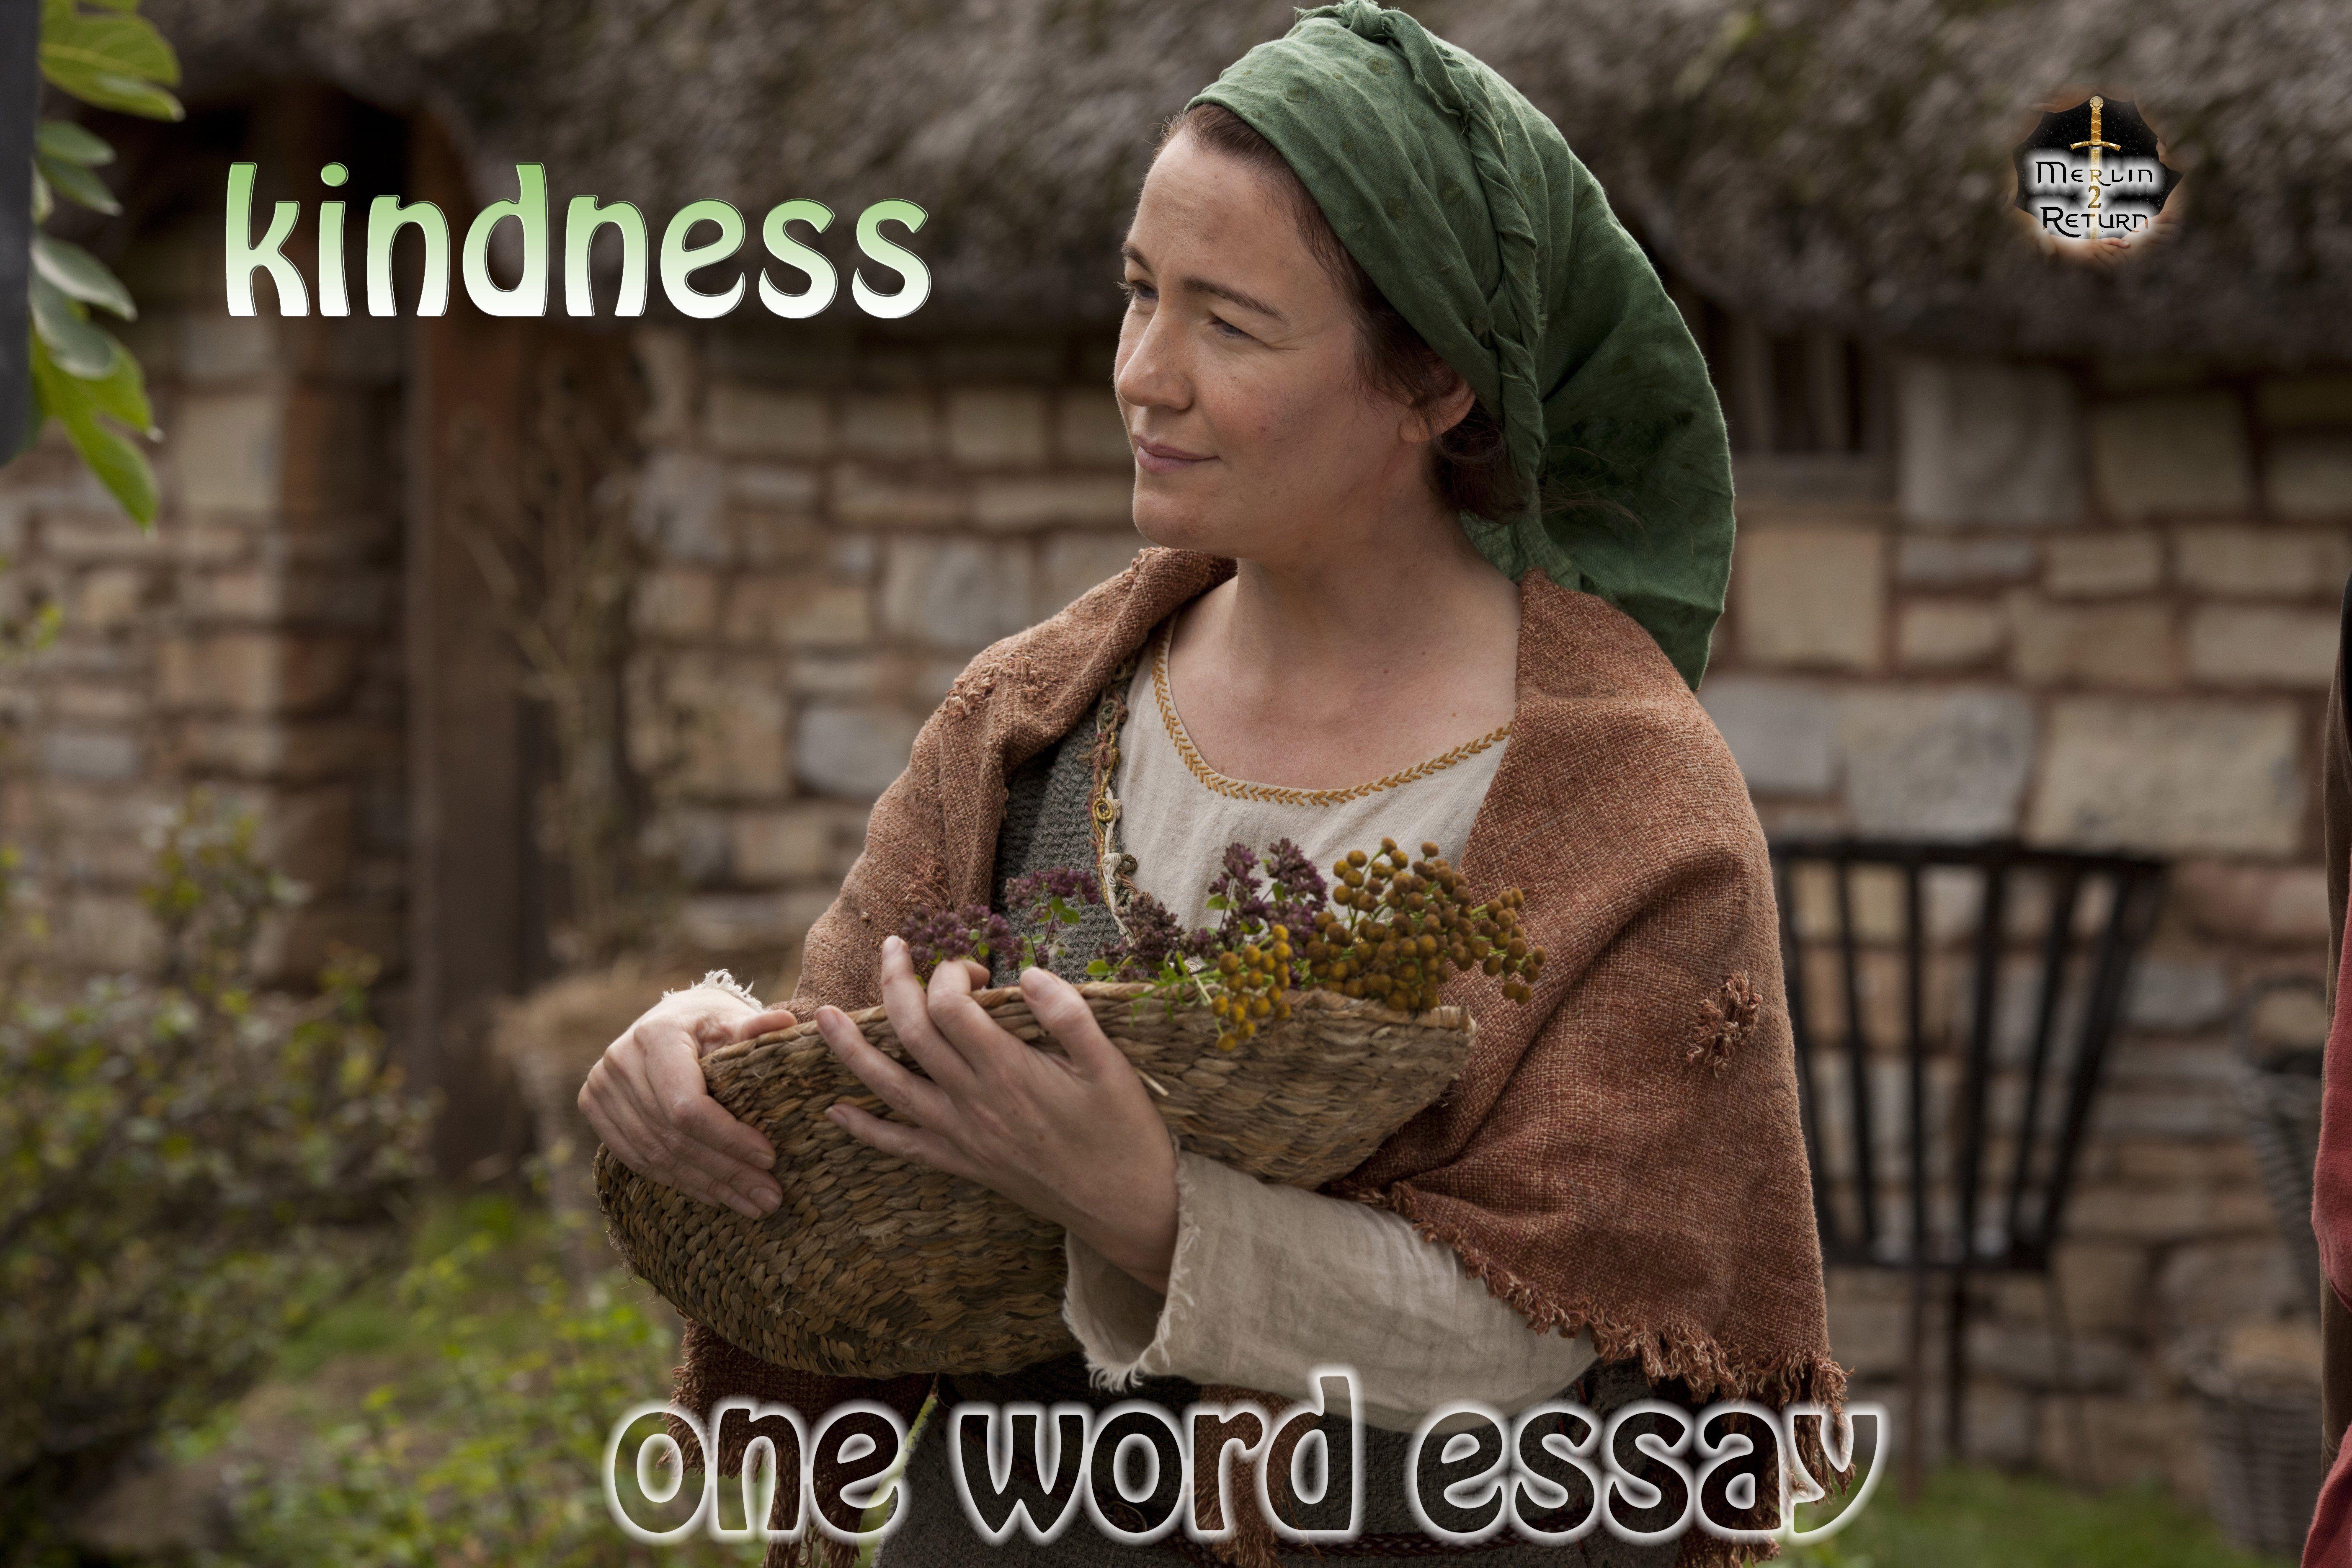 essay on loving kindness